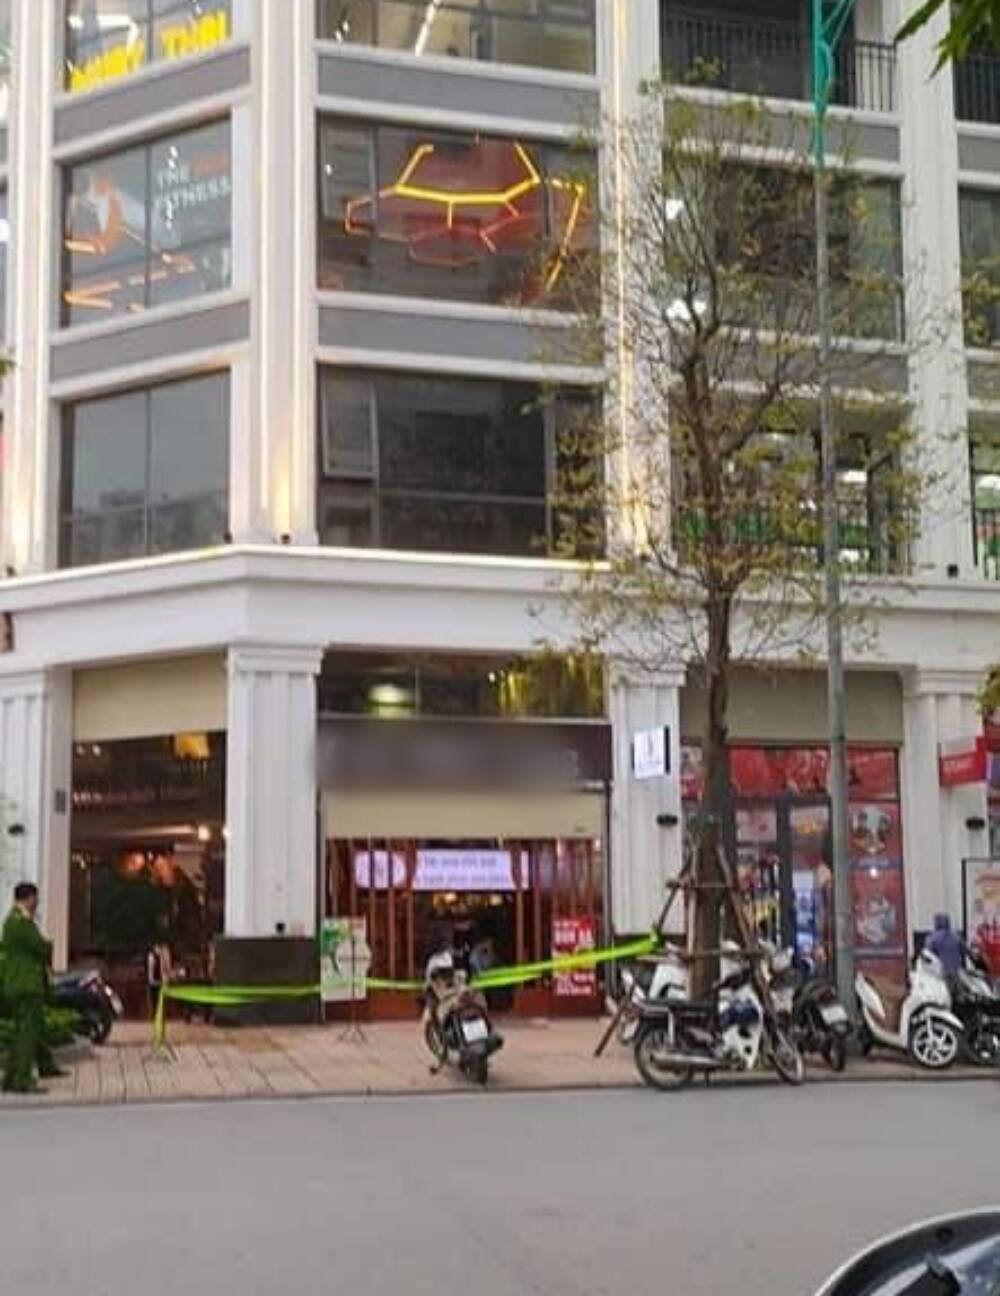 Vụ thanh niên rơi từ tầng 5 quán cà phê tử vong ở Hà Nội: Người thân nói gì? - Ảnh 1